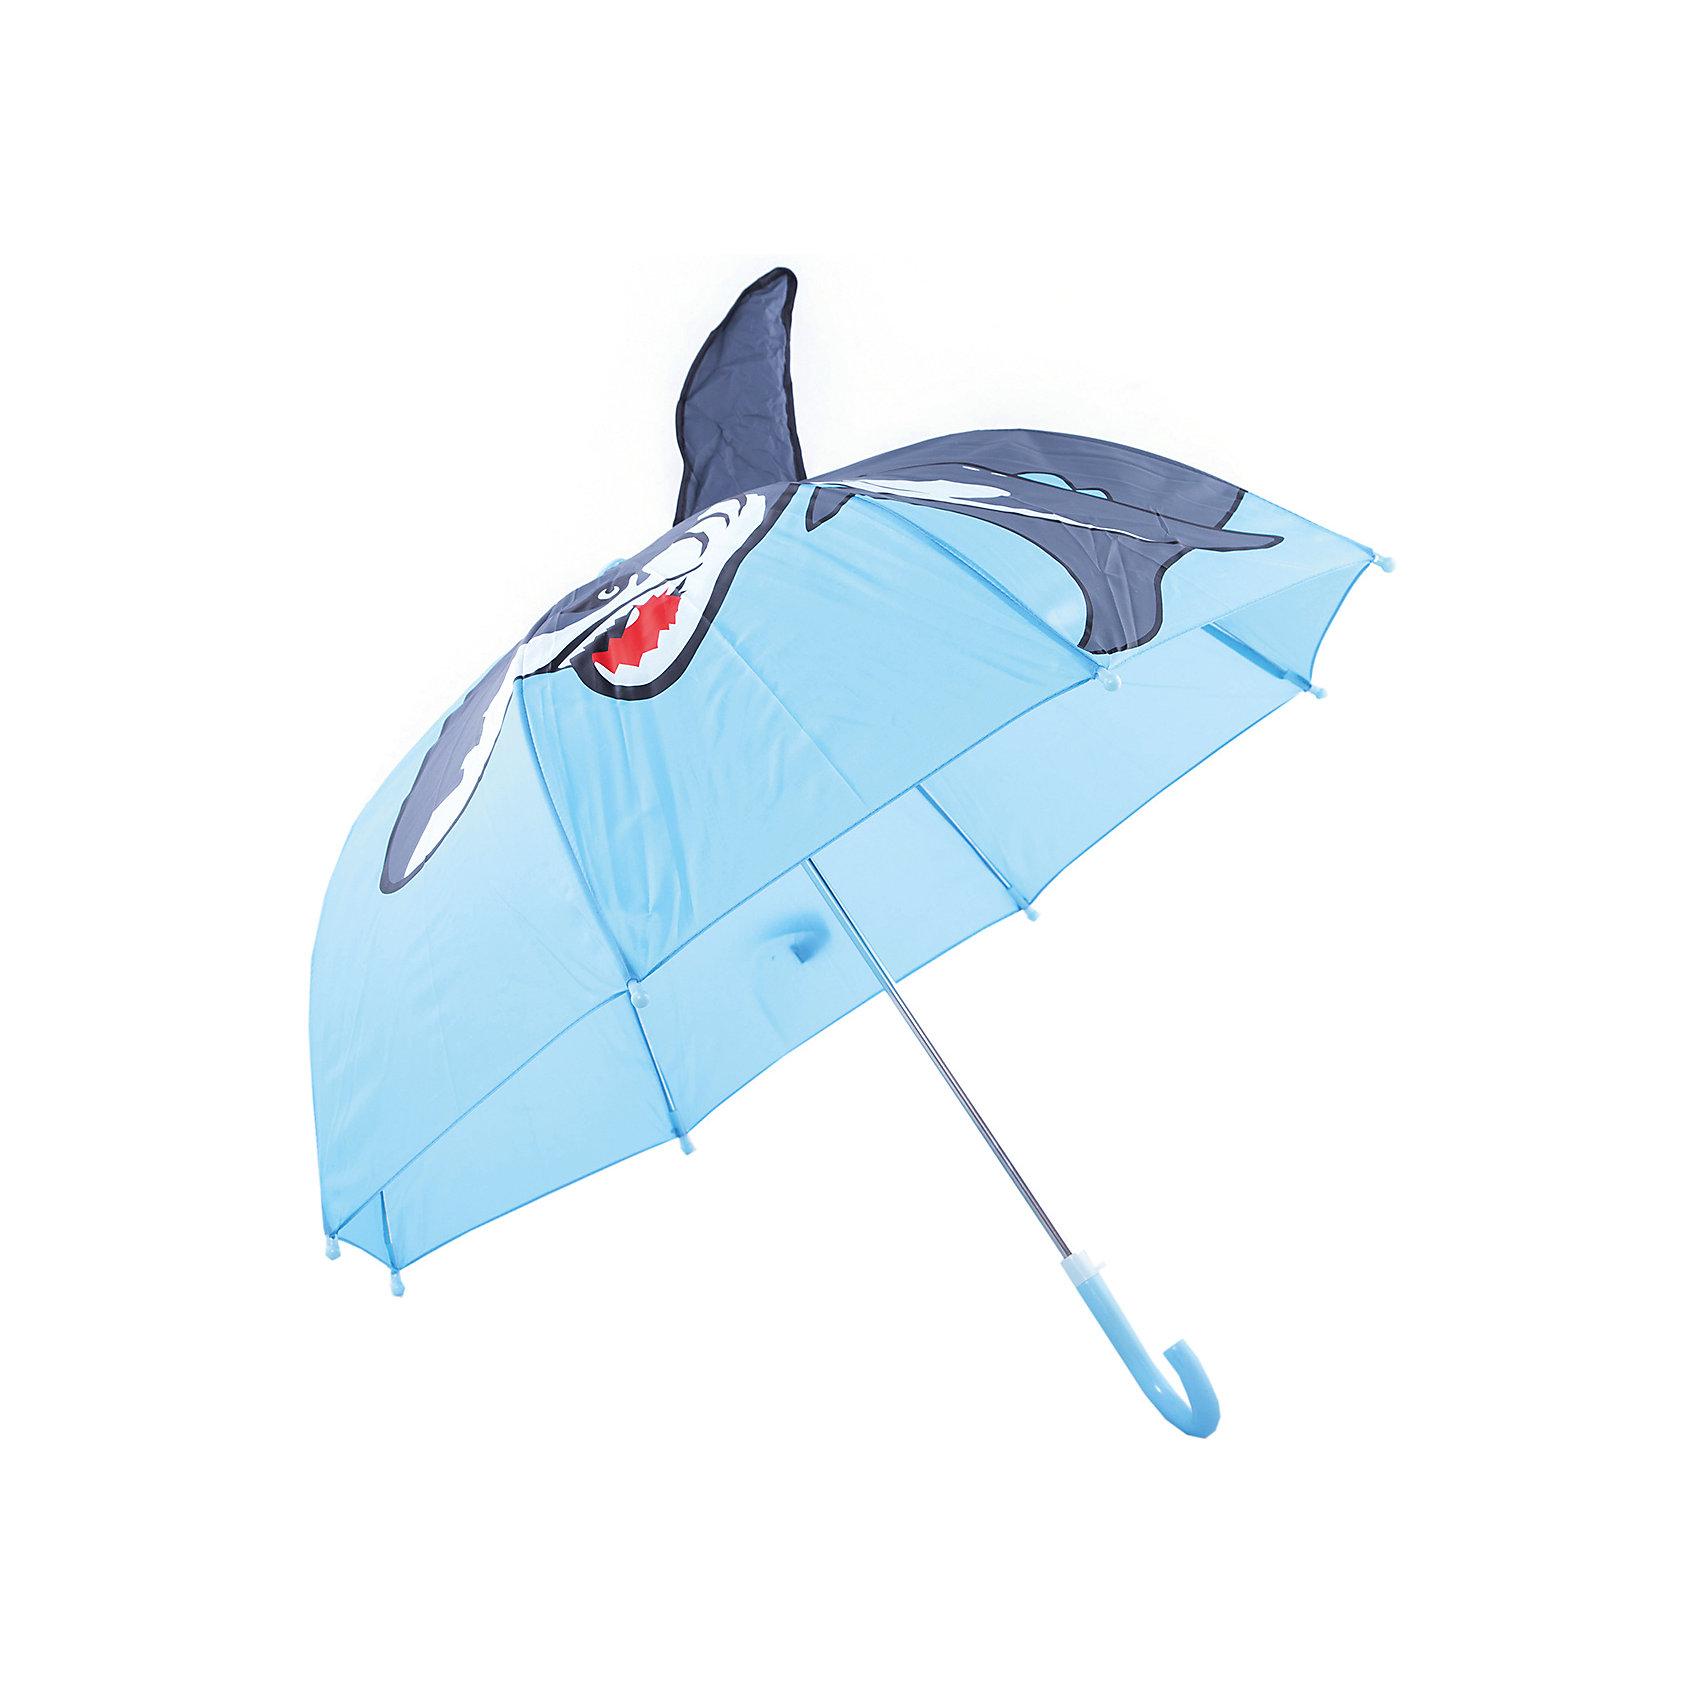 Зонт детский Акула, 46 см.Зонты детские<br>Зонт детский Акула, 46 см., Mary Poppins (Мэри Поппинс)<br><br>Характеристики:<br><br>• устойчив к ветру<br>• система складывания: механическая<br>• пластиковый фиксатор на стержне зонтика<br>• пластиковые наконечники на спицах<br>• прочное крепление купола<br>• радиус купола: 46 см<br>• материал: полиэстер, металл, пластик<br>• размер упаковки: 64х8х3 см<br><br>Детский зонт Акула порадует малыша своим красивым дизайном и защитит от дождя. Купол надежно прикреплен к металлическому каркасу, что делает зонт устойчивым к ветру. Чтобы избежать травмирования малыша во время использования, спицы дополнены закругленными пластиковыми наконечниками. Купол зонта оформлен изображением акулы. А объемный плавник делает хищницу еще более  реалистичной.<br><br>Зонт детский Акула, 46 см., Mary Poppins (Мэри Поппинс) можно купить в нашем интернет-магазине.<br><br>Ширина мм: 580<br>Глубина мм: 400<br>Высота мм: 400<br>Вес г: 250<br>Возраст от месяцев: 36<br>Возраст до месяцев: 2147483647<br>Пол: Мужской<br>Возраст: Детский<br>SKU: 5508501